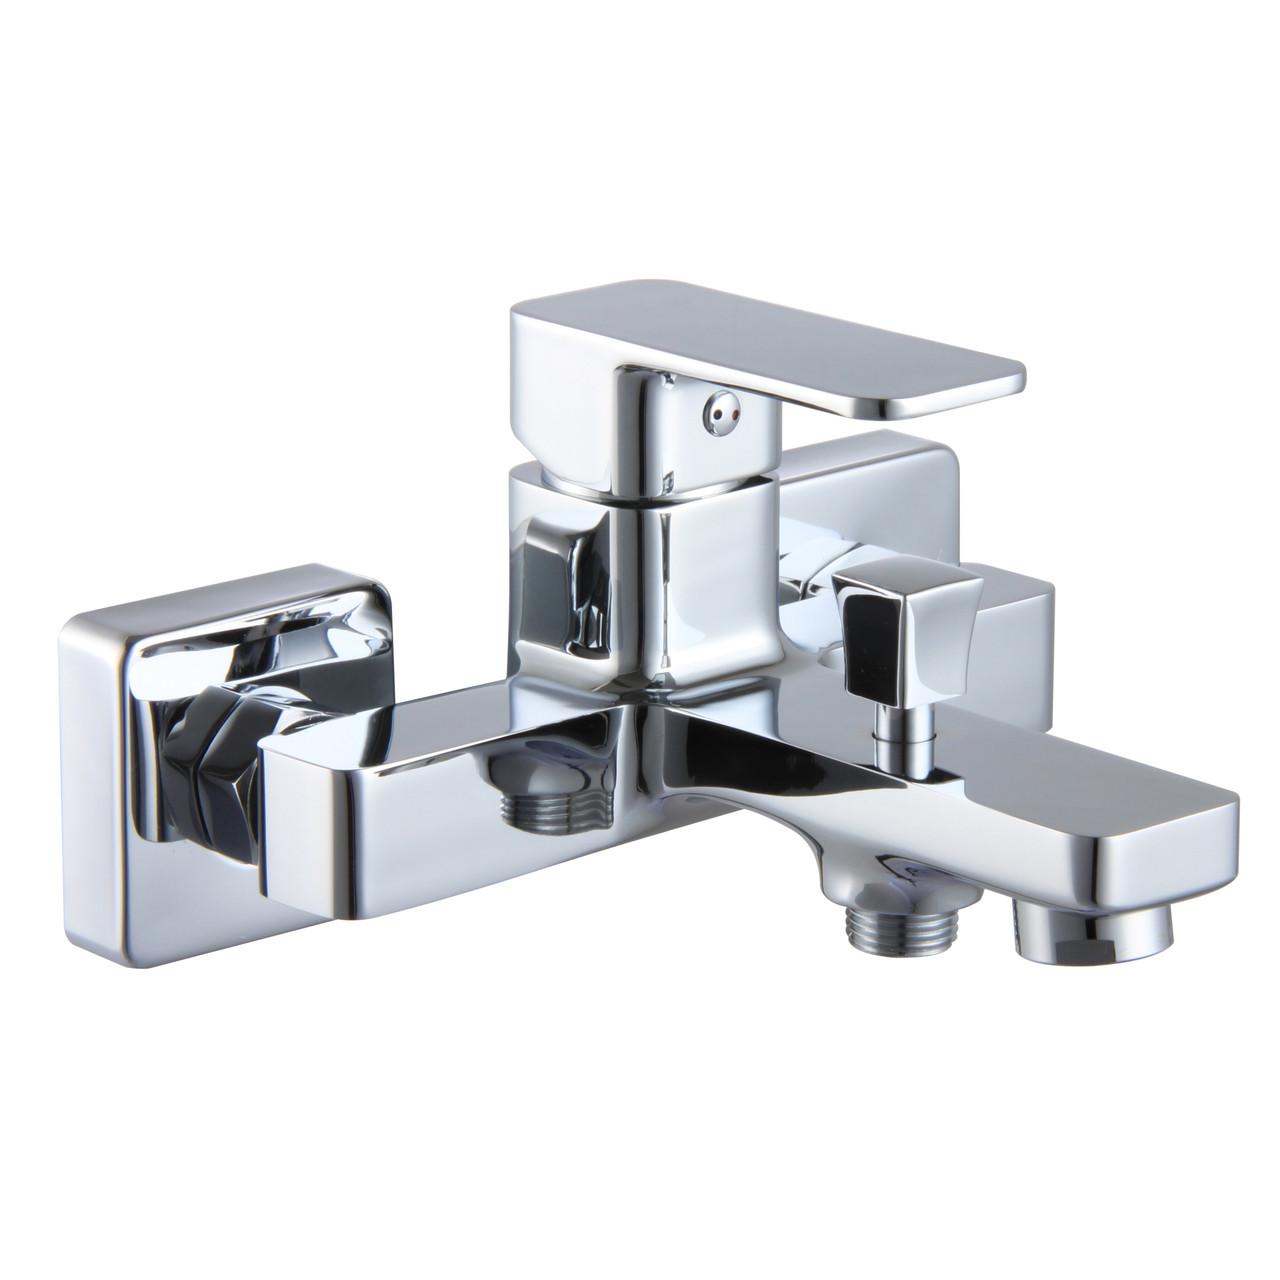 Змішувач для ванни BILOVEC, хром, 35 мм